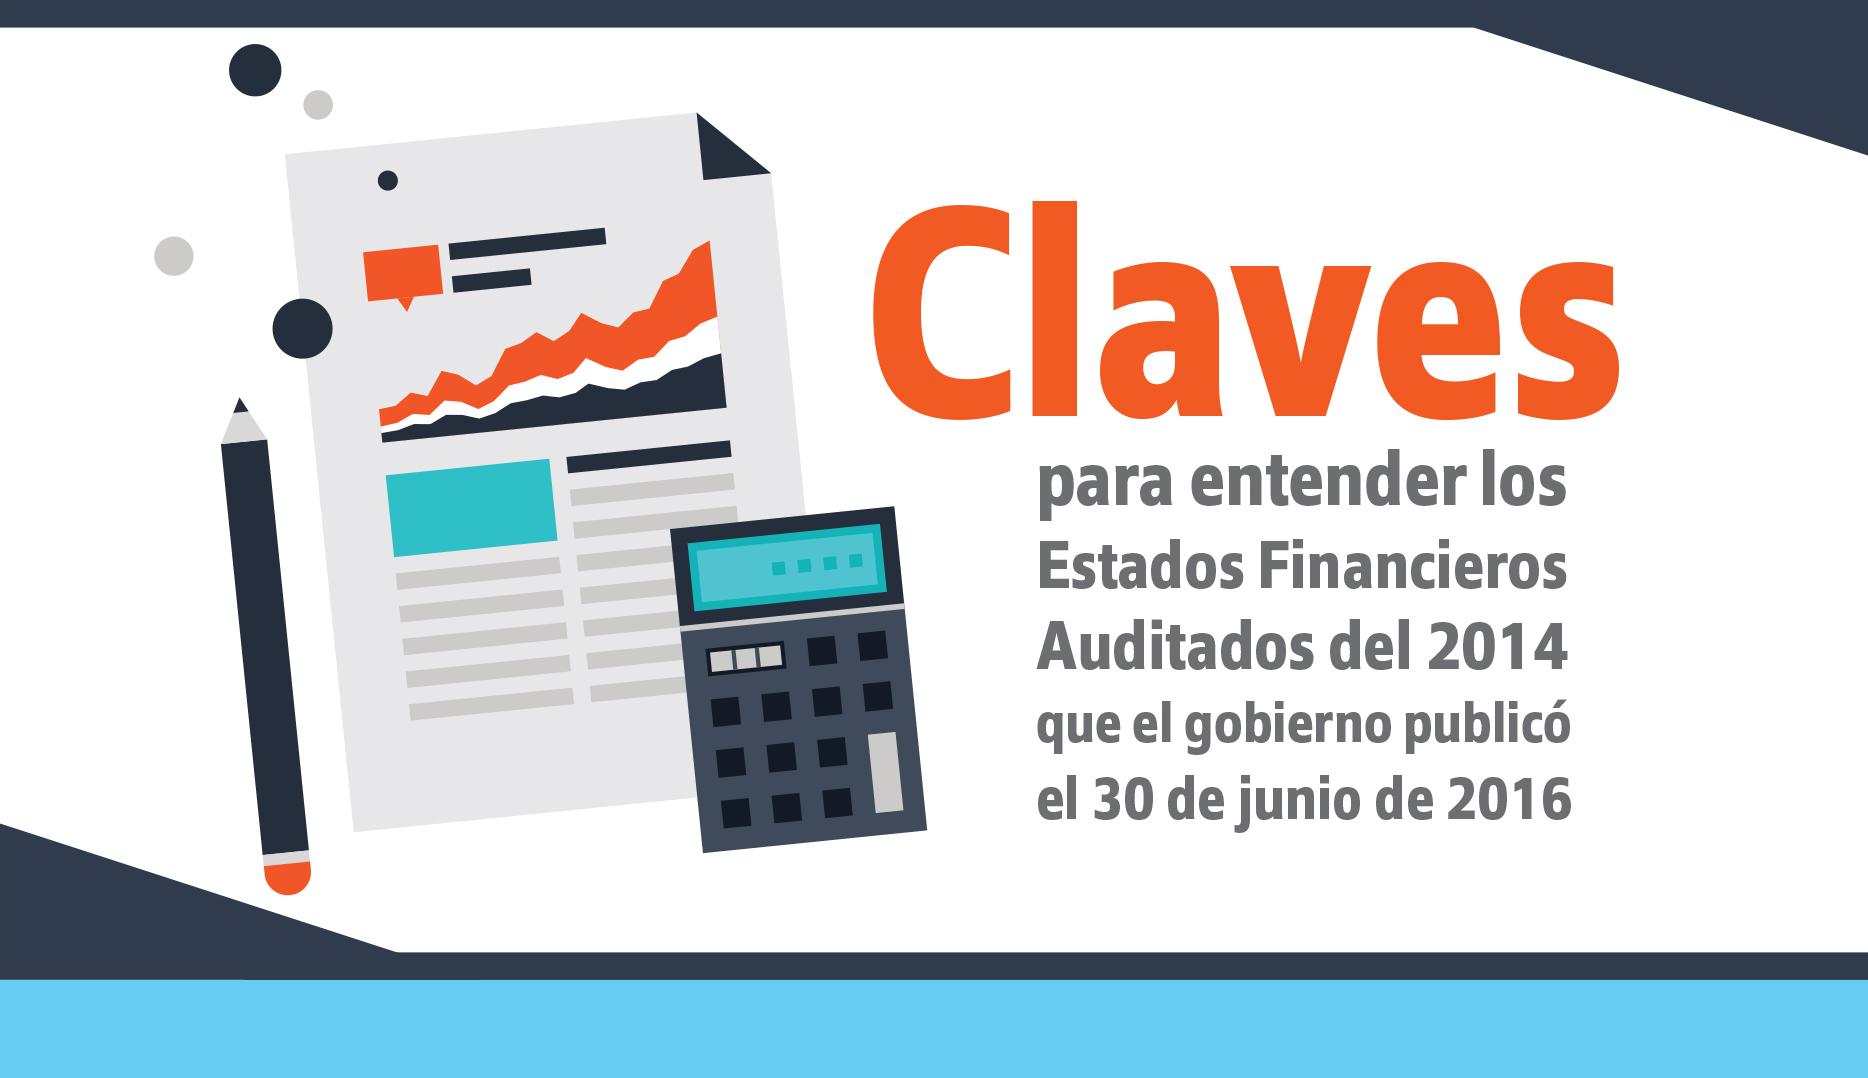 Claves para entender los Estados Financieros Auditados del 2014 que el gobierno publicó el 30 de junio de 2016